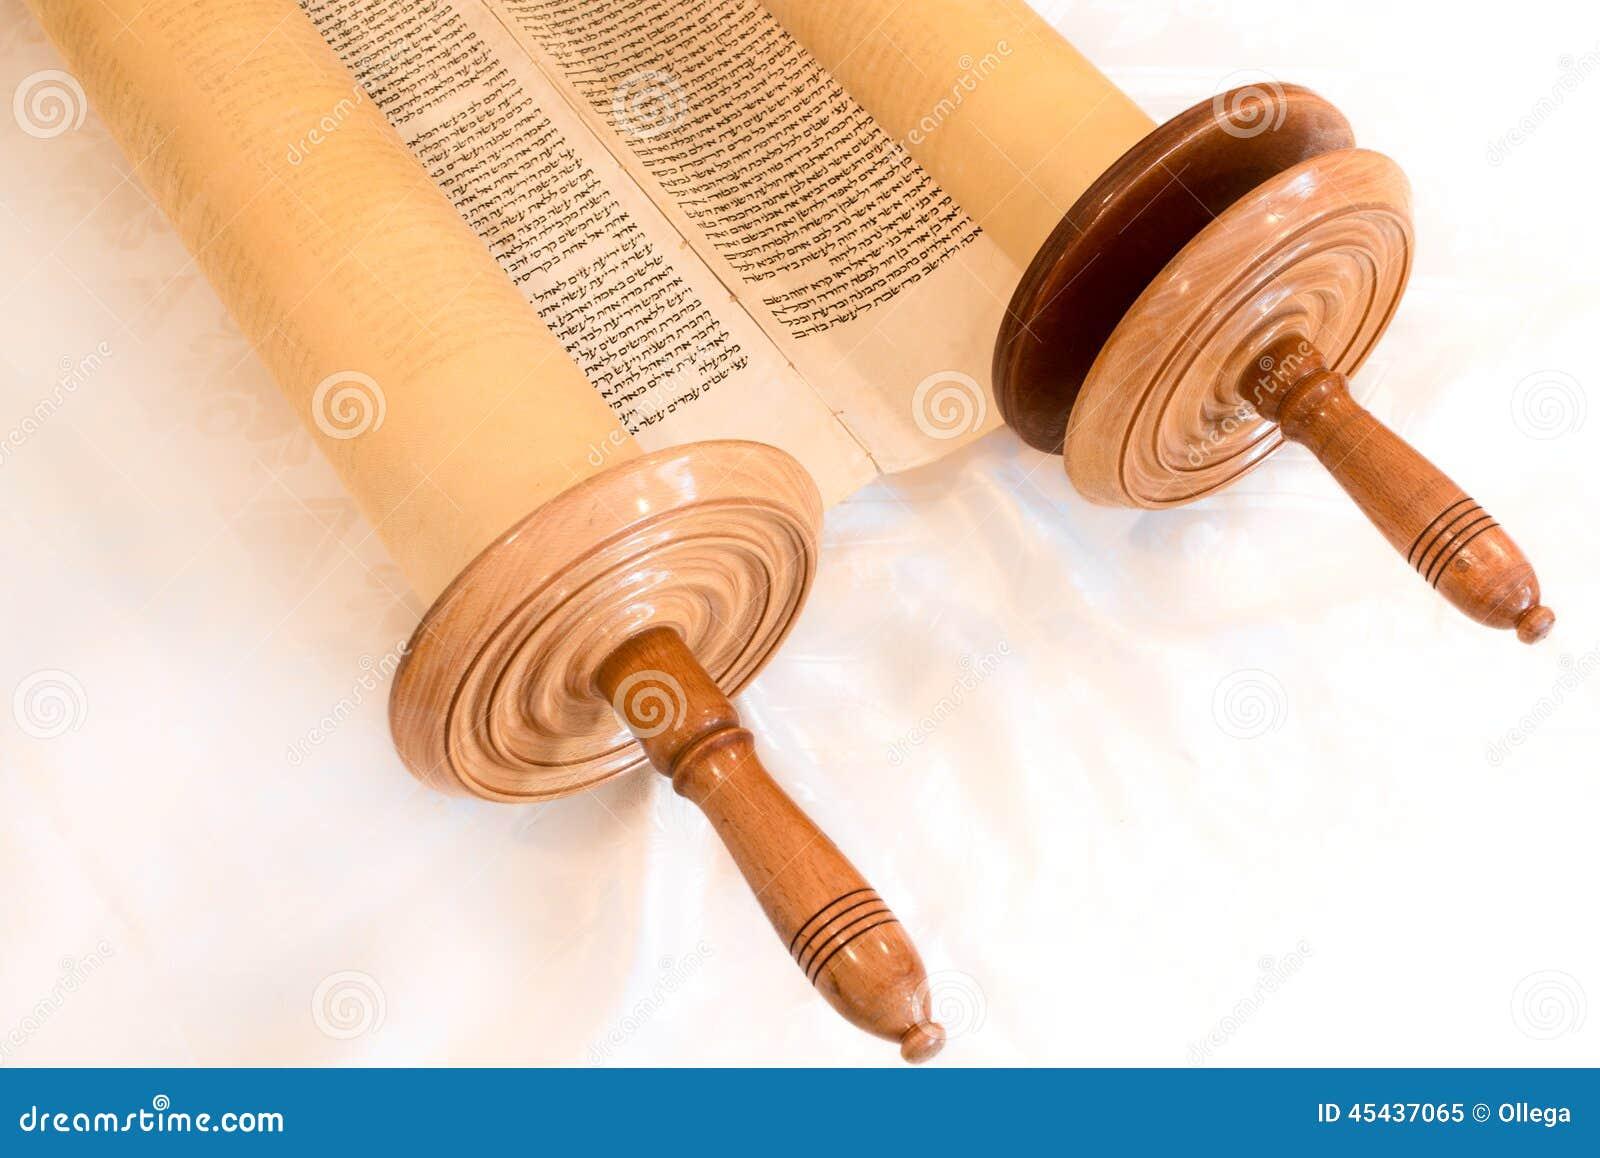 La voluta manuscrita hebrea de Torah, en una sinagoga altera